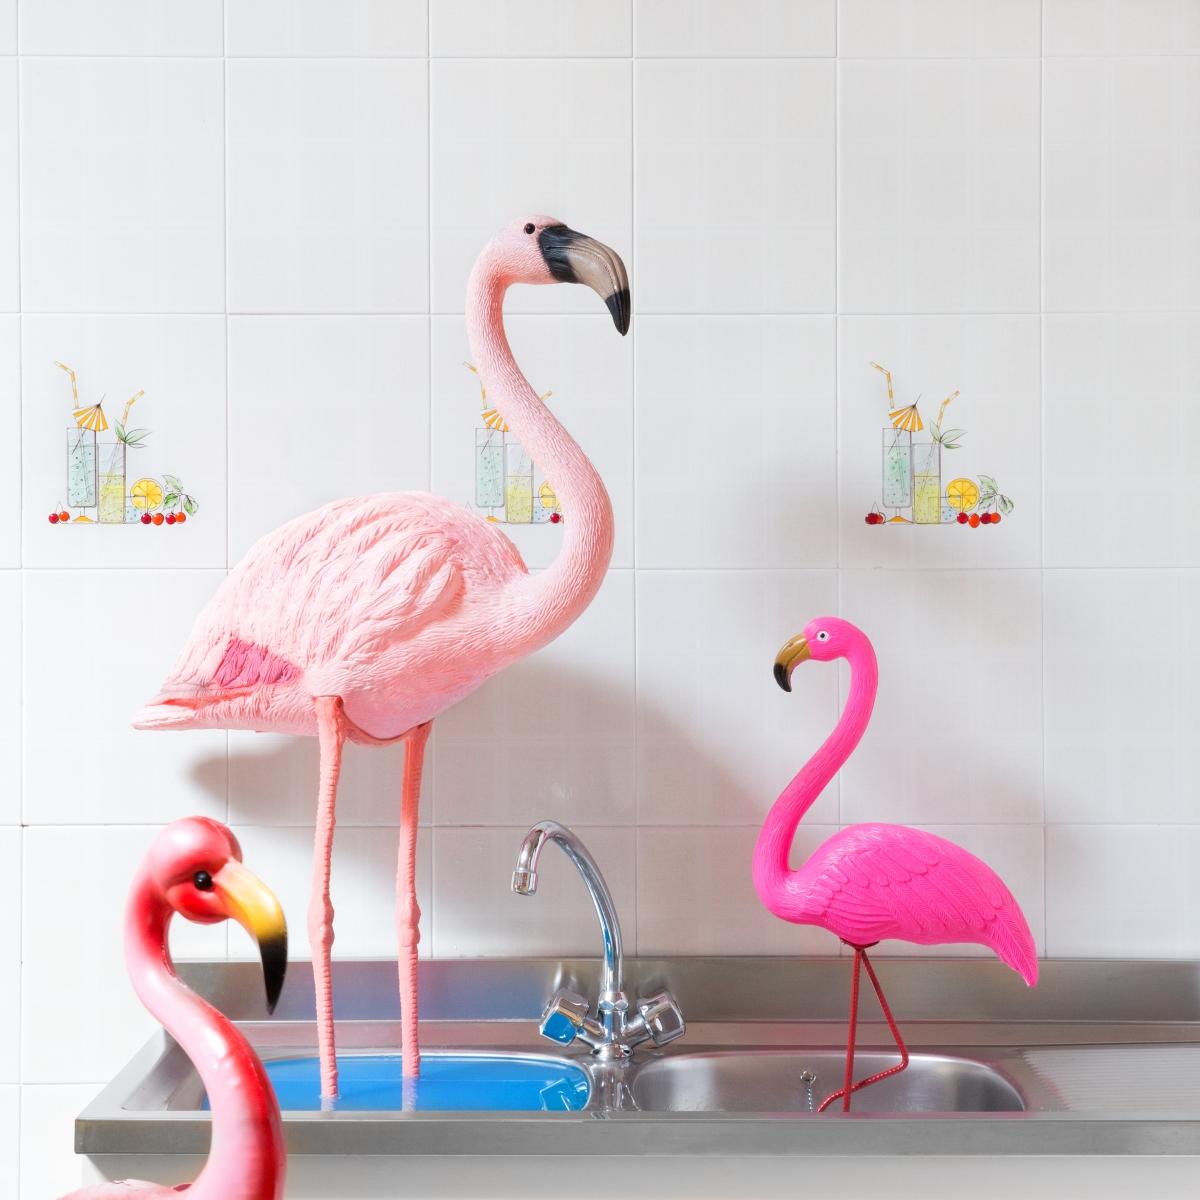 041cd1a4fcd13 Flamingo-mania il fenicottero rosa l estate 2017